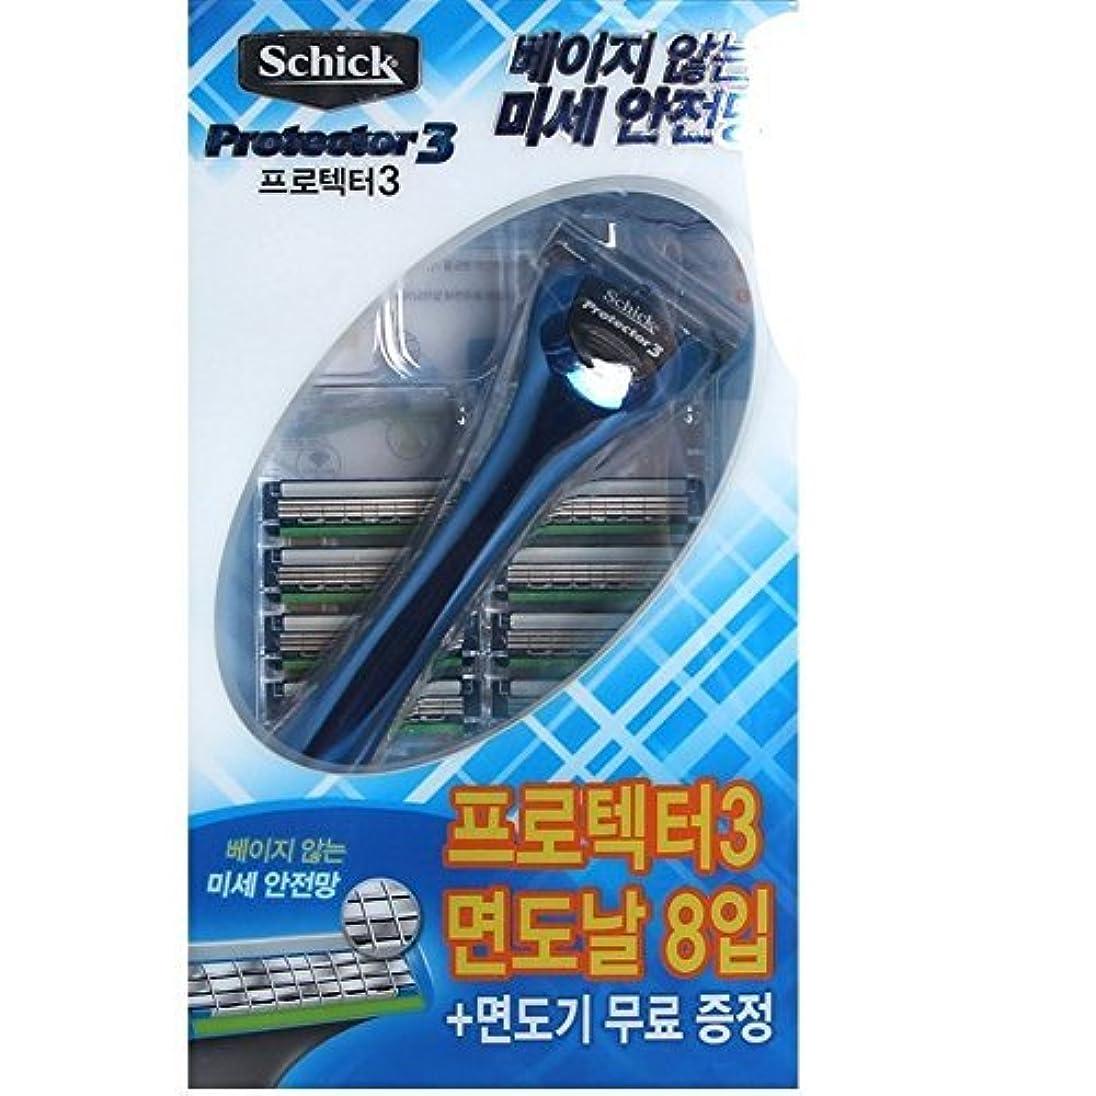 姉妹件名コートSchick Protector3 1 Razor + 8 カートリッジリフィルブレイド [並行輸入品]